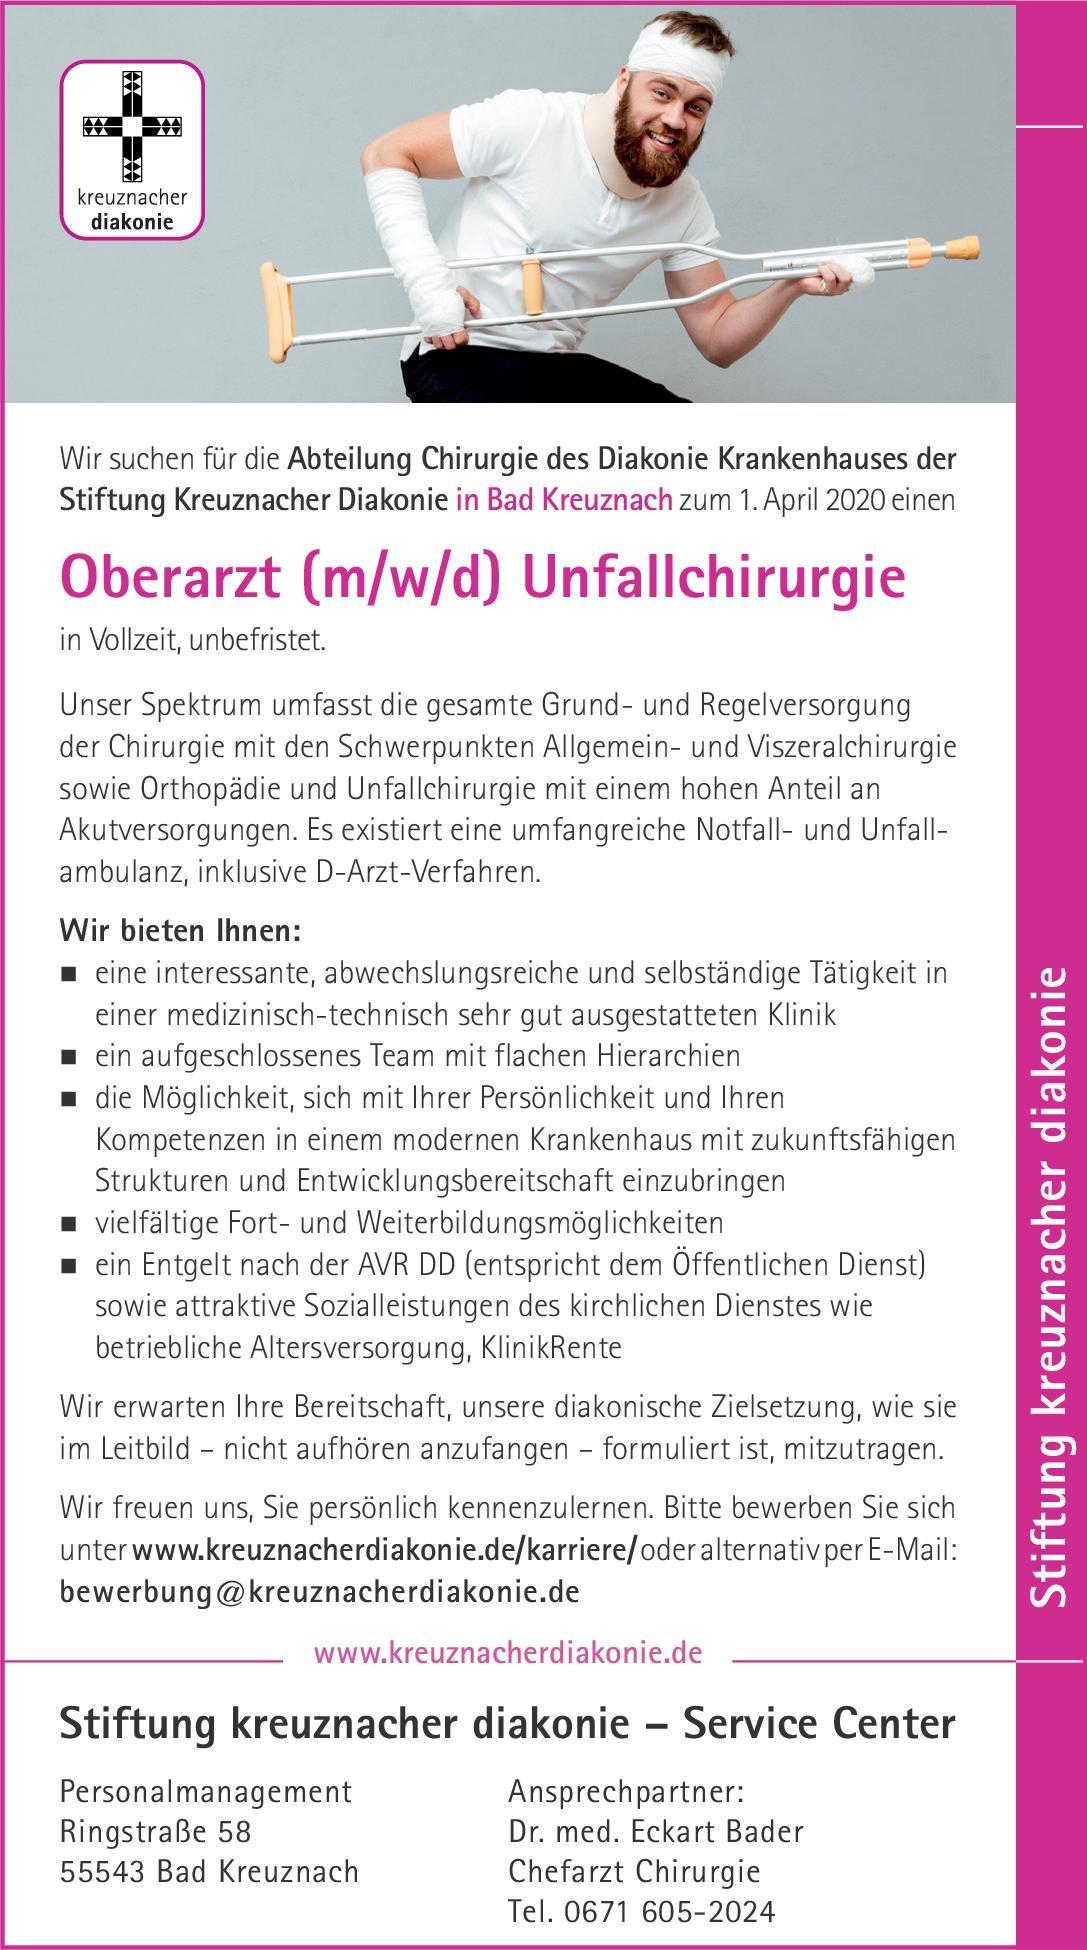 Diakonie Krankenhaus der Stiftung Kreuznacher Diakonie Oberarzt (m/w/d) Unfallchirurgie  Orthopädie und Unfallchirurgie, Chirurgie Oberarzt